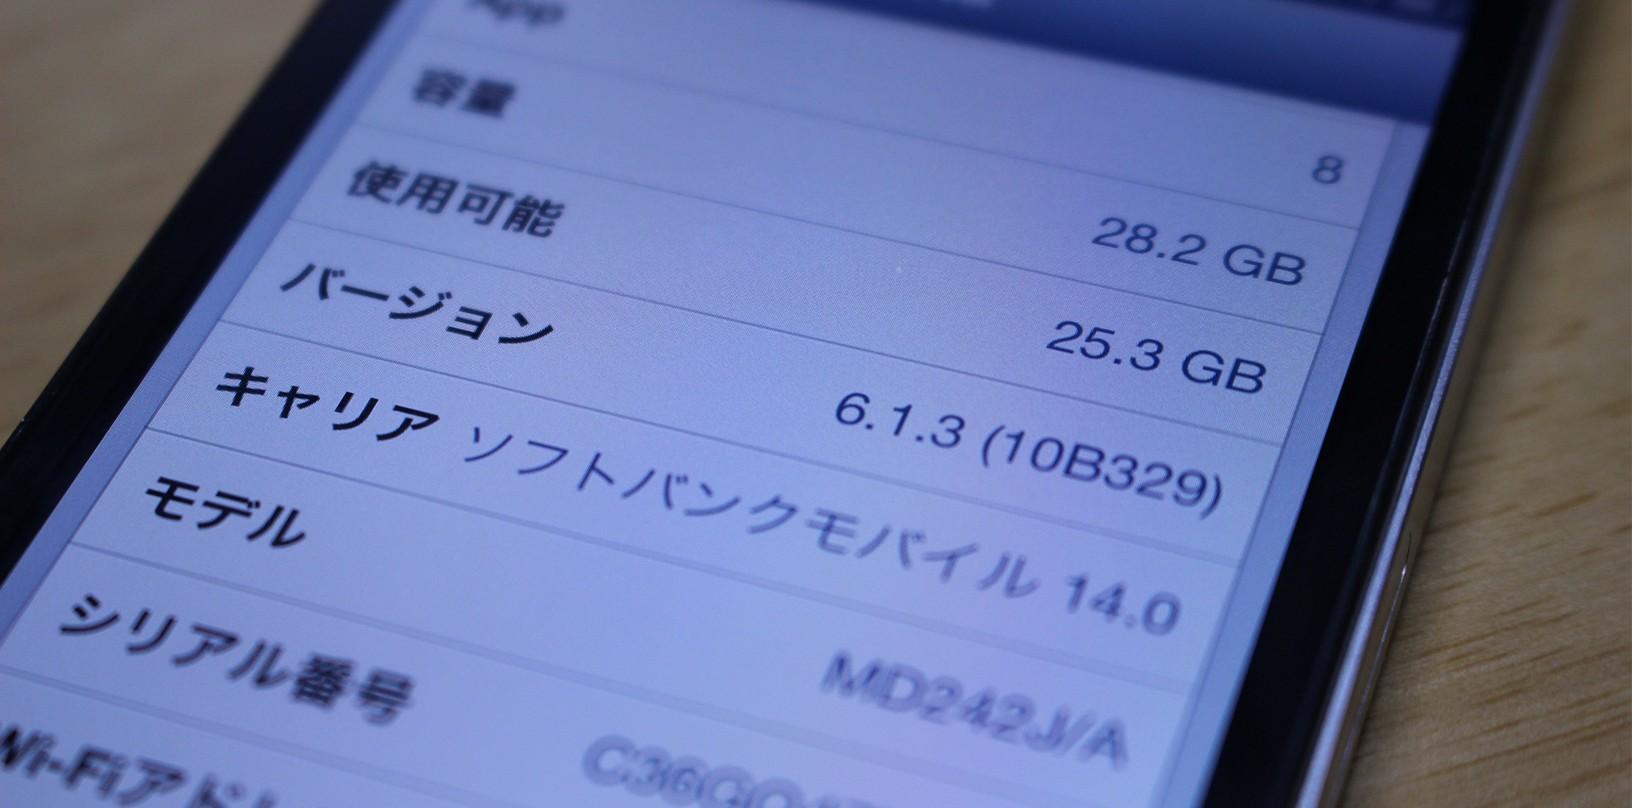 iphone4s-ios6